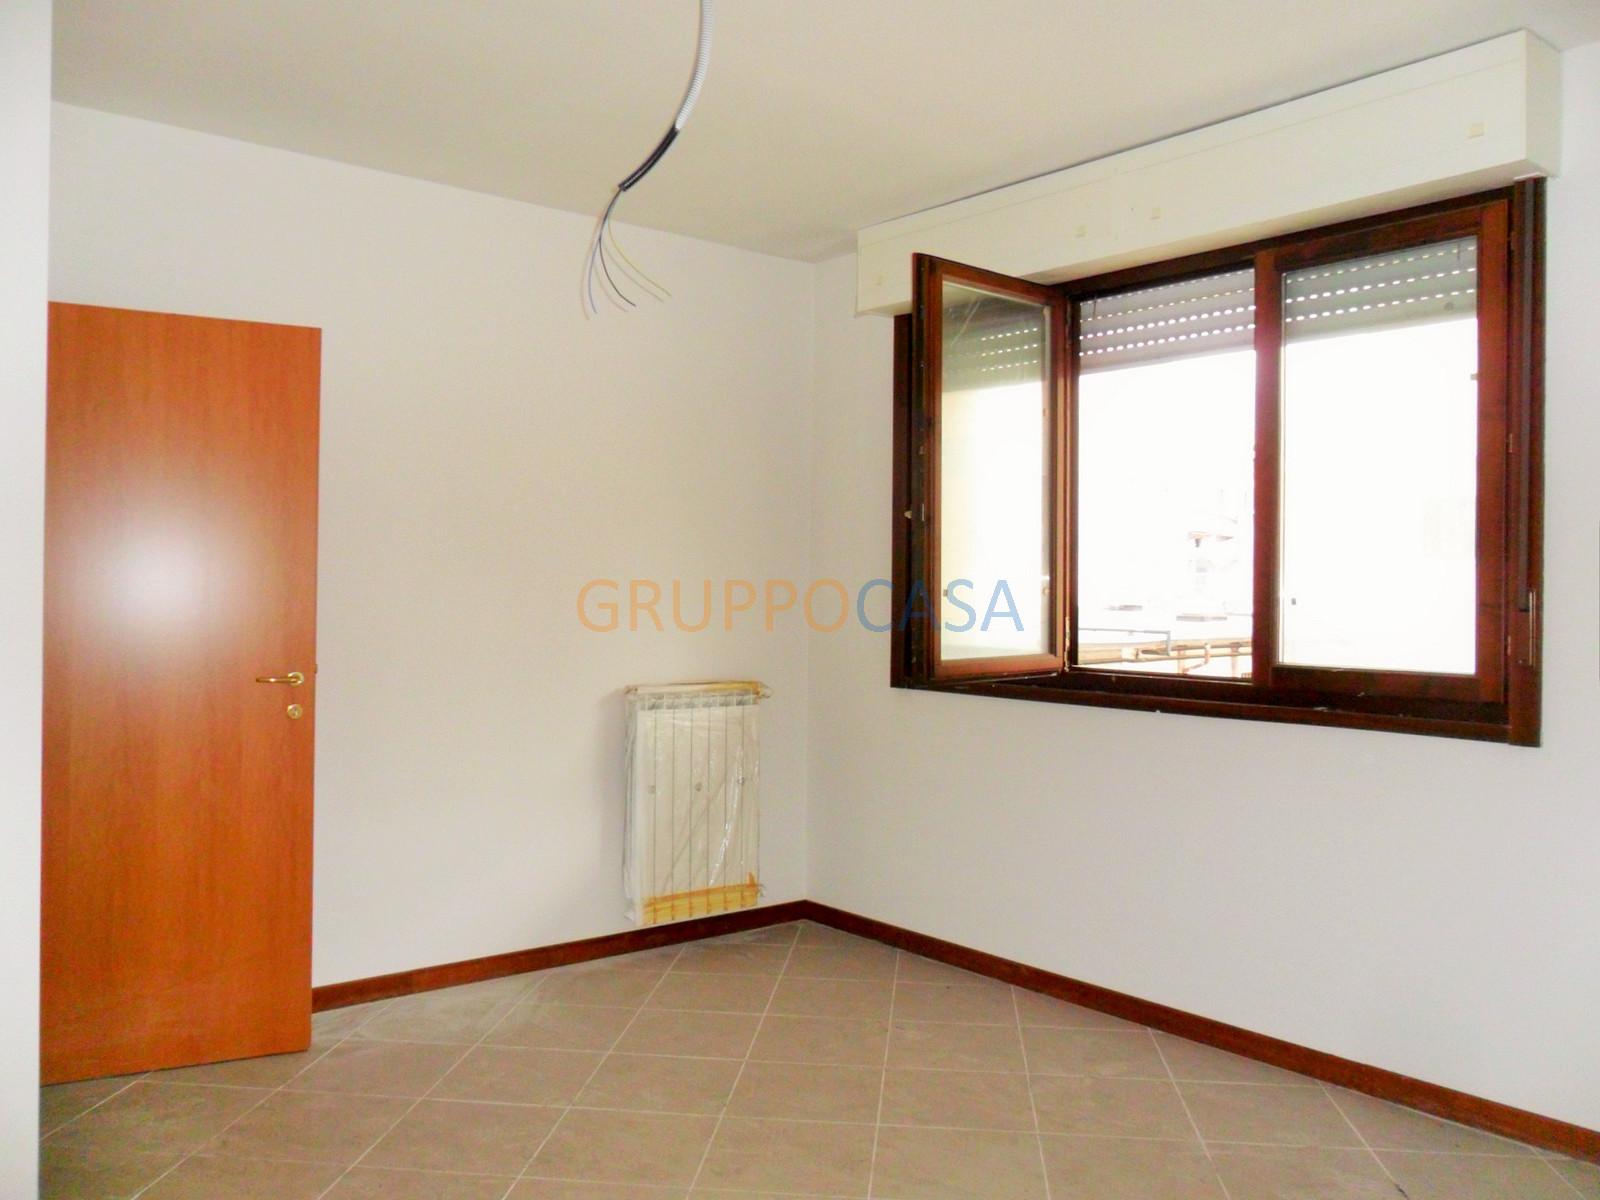 Ufficio / Studio in vendita a Pescia, 9999 locali, zona Località: Centro, prezzo € 66.000 | CambioCasa.it